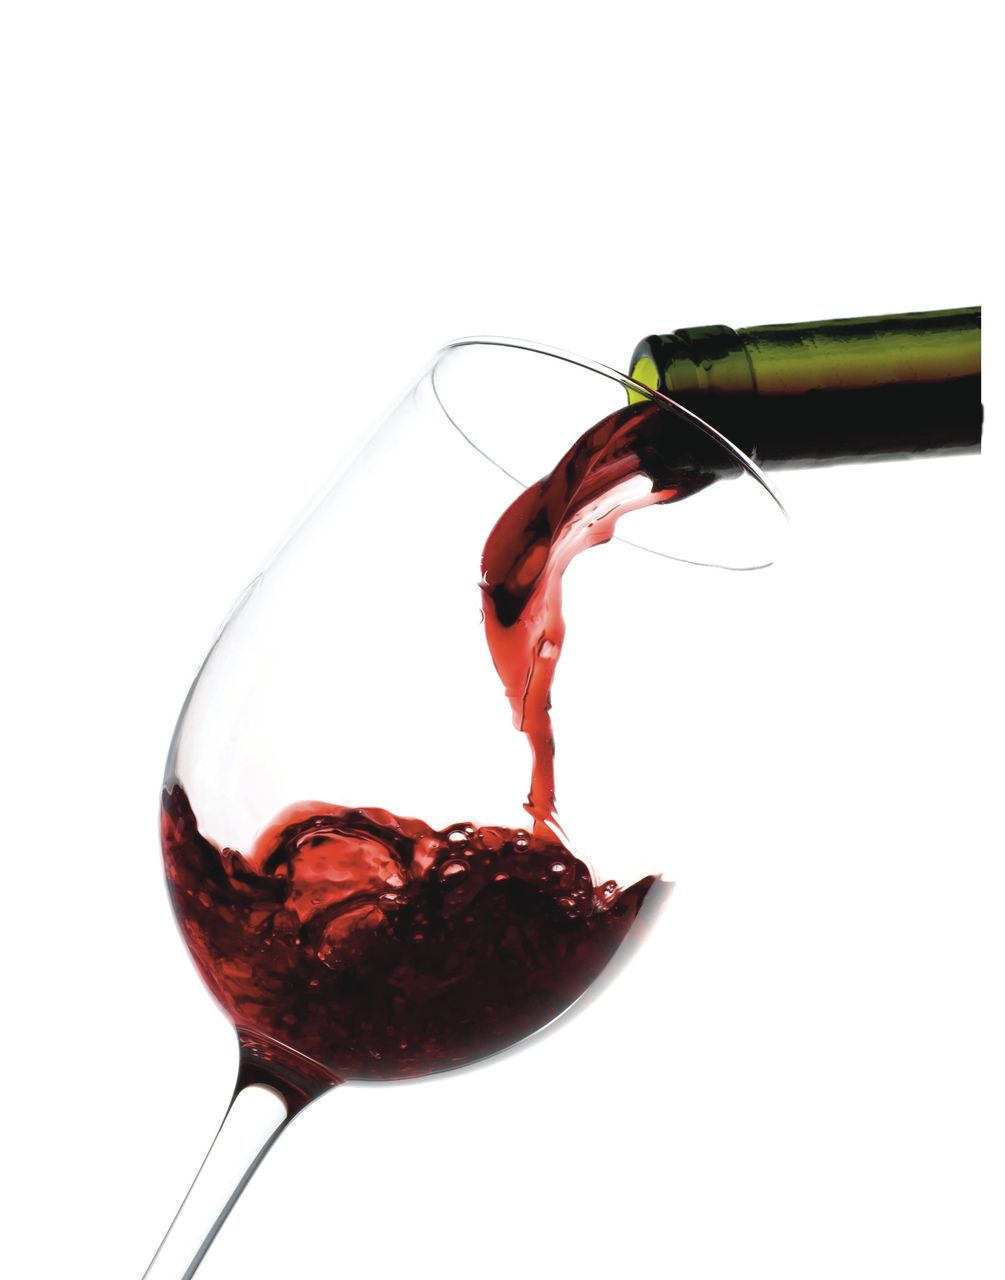 širdies sveikata raudonas vynas naudinga mankšta